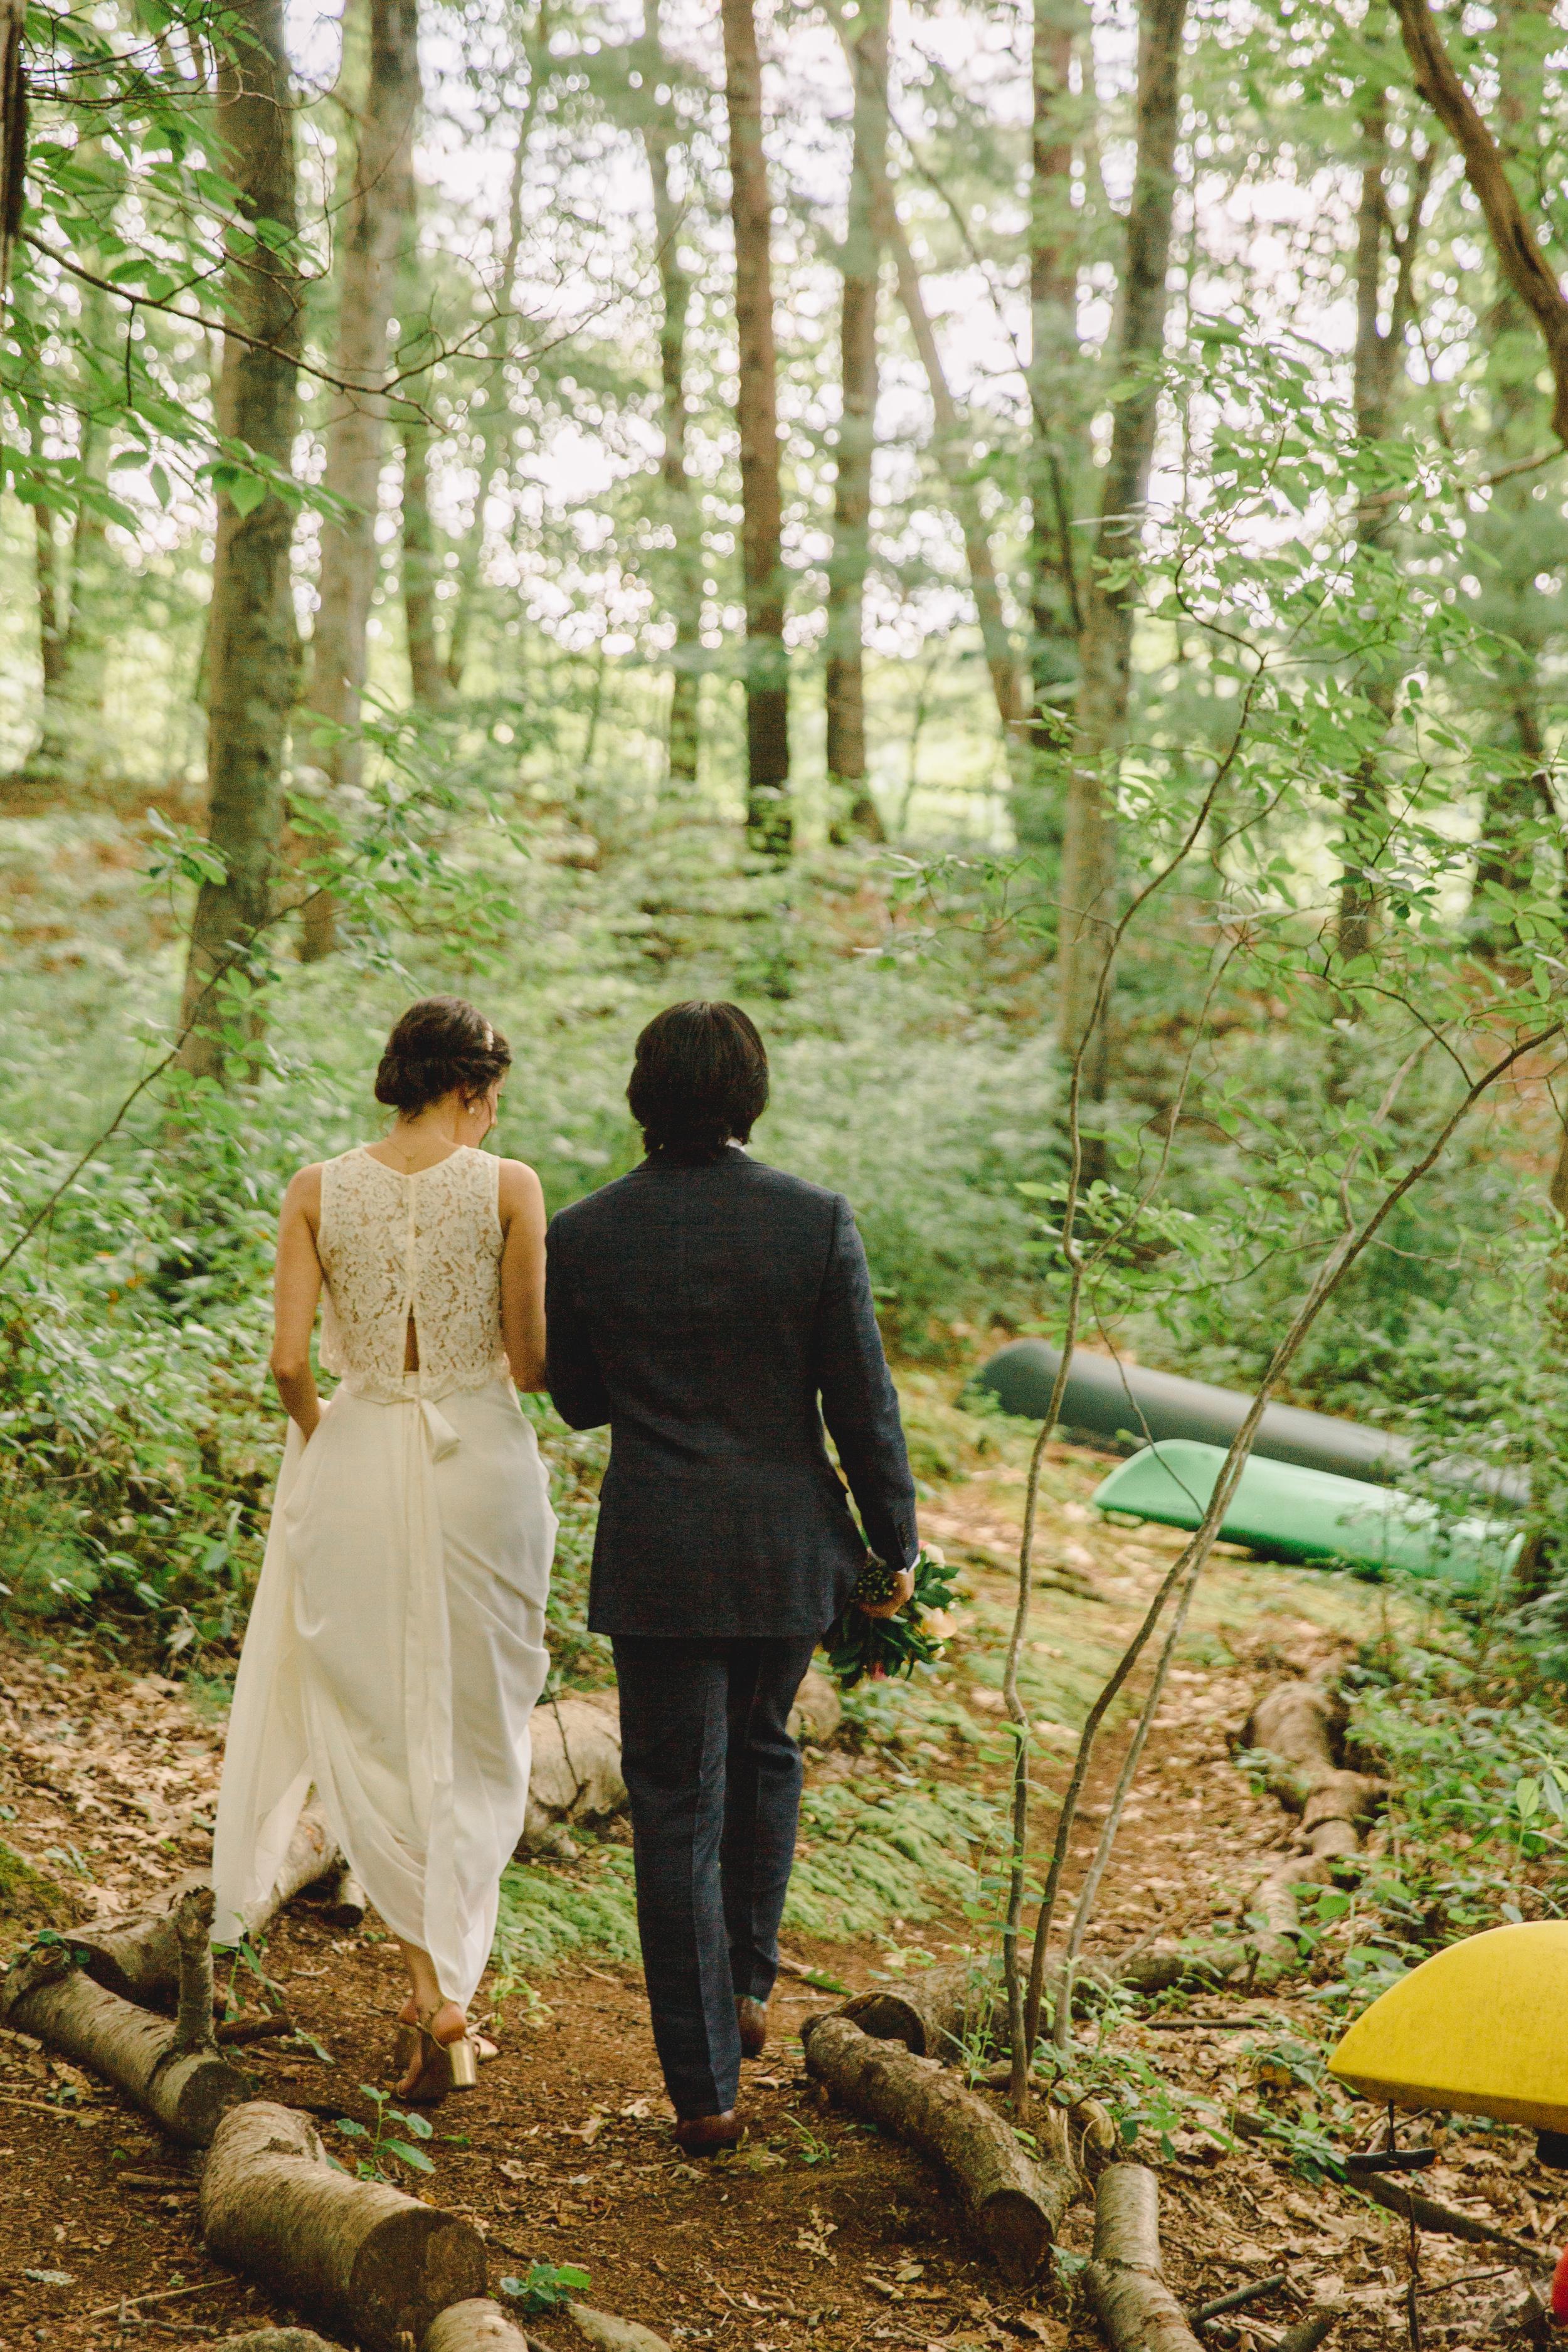 capecod_backyard_wedding_photos_mikhail_8.JPG